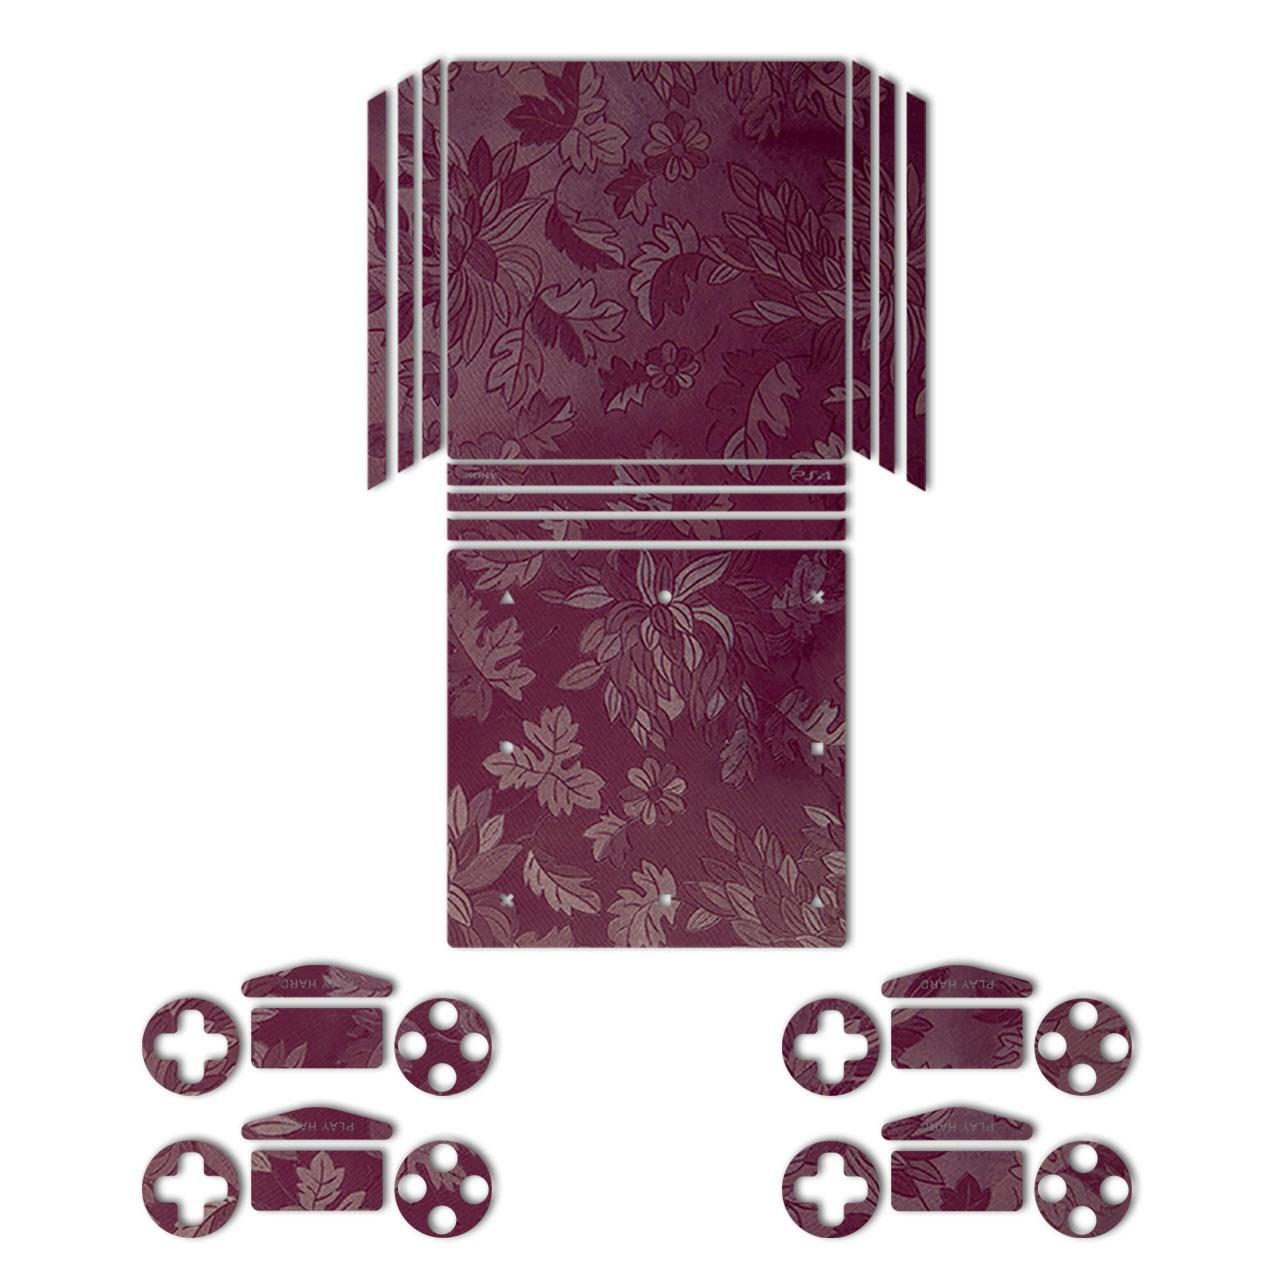 برچسب ماهوت مدلRed Wild-flower Texture مناسب برای کنسول بازیPS4 Pro